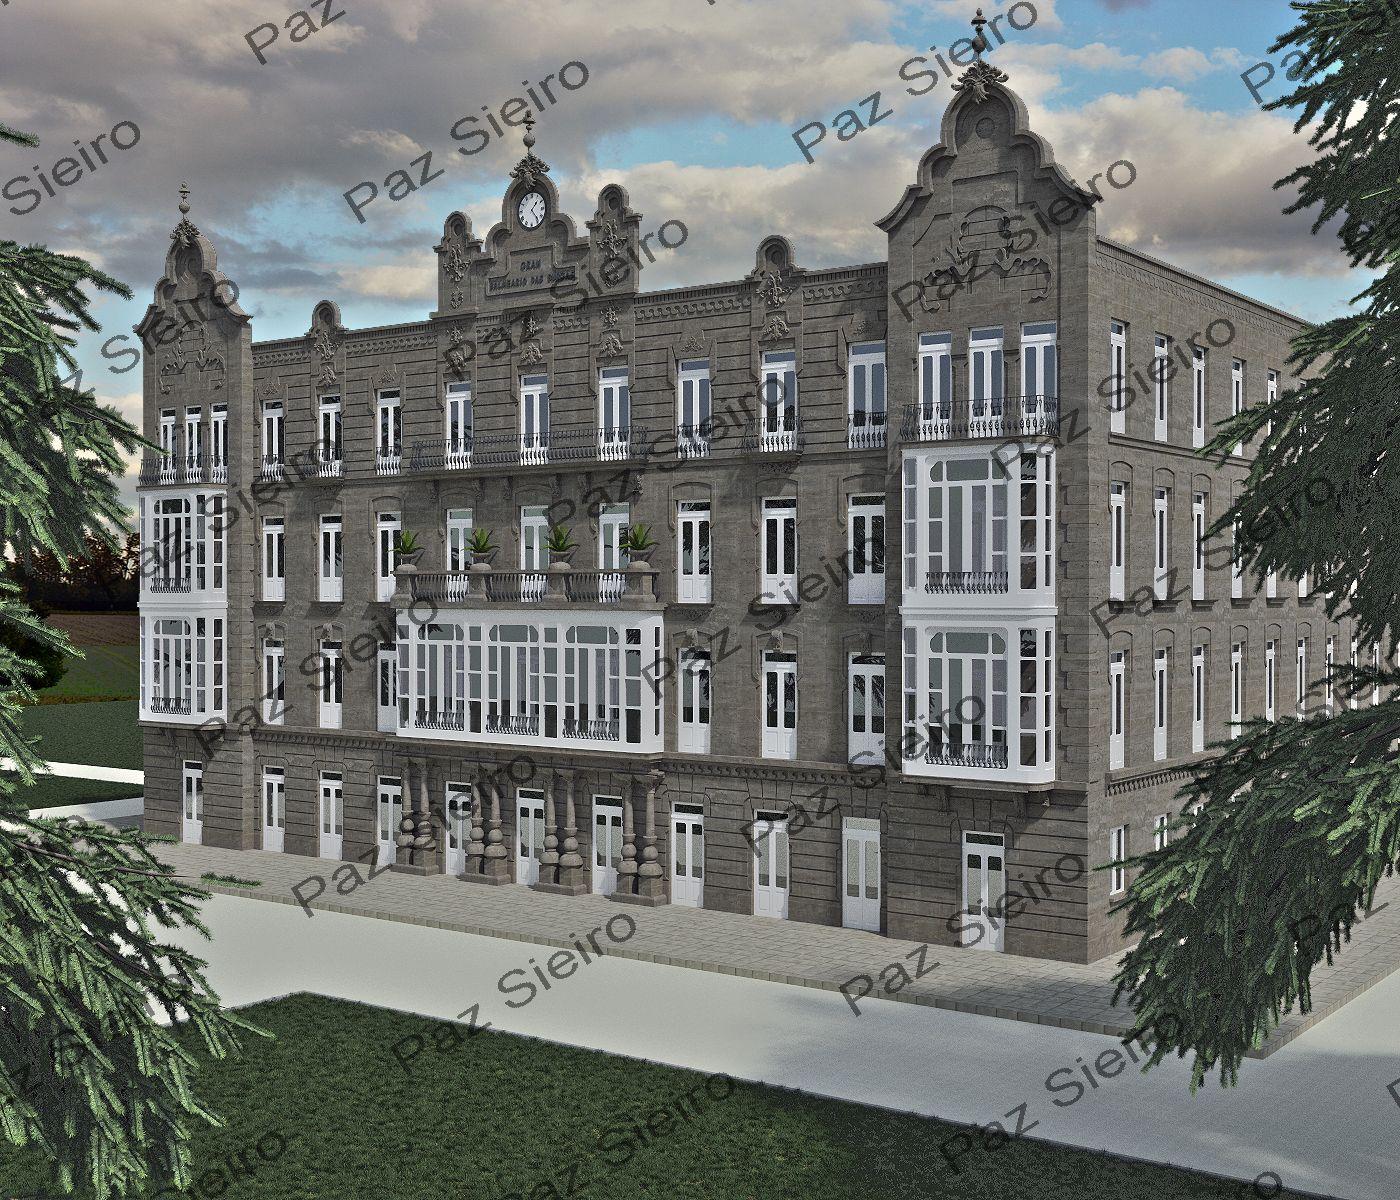 Gran balneario das burgas 1925 ourense arquitecto d pedro garc a faria arquitectura de - Arquitectos ourense ...